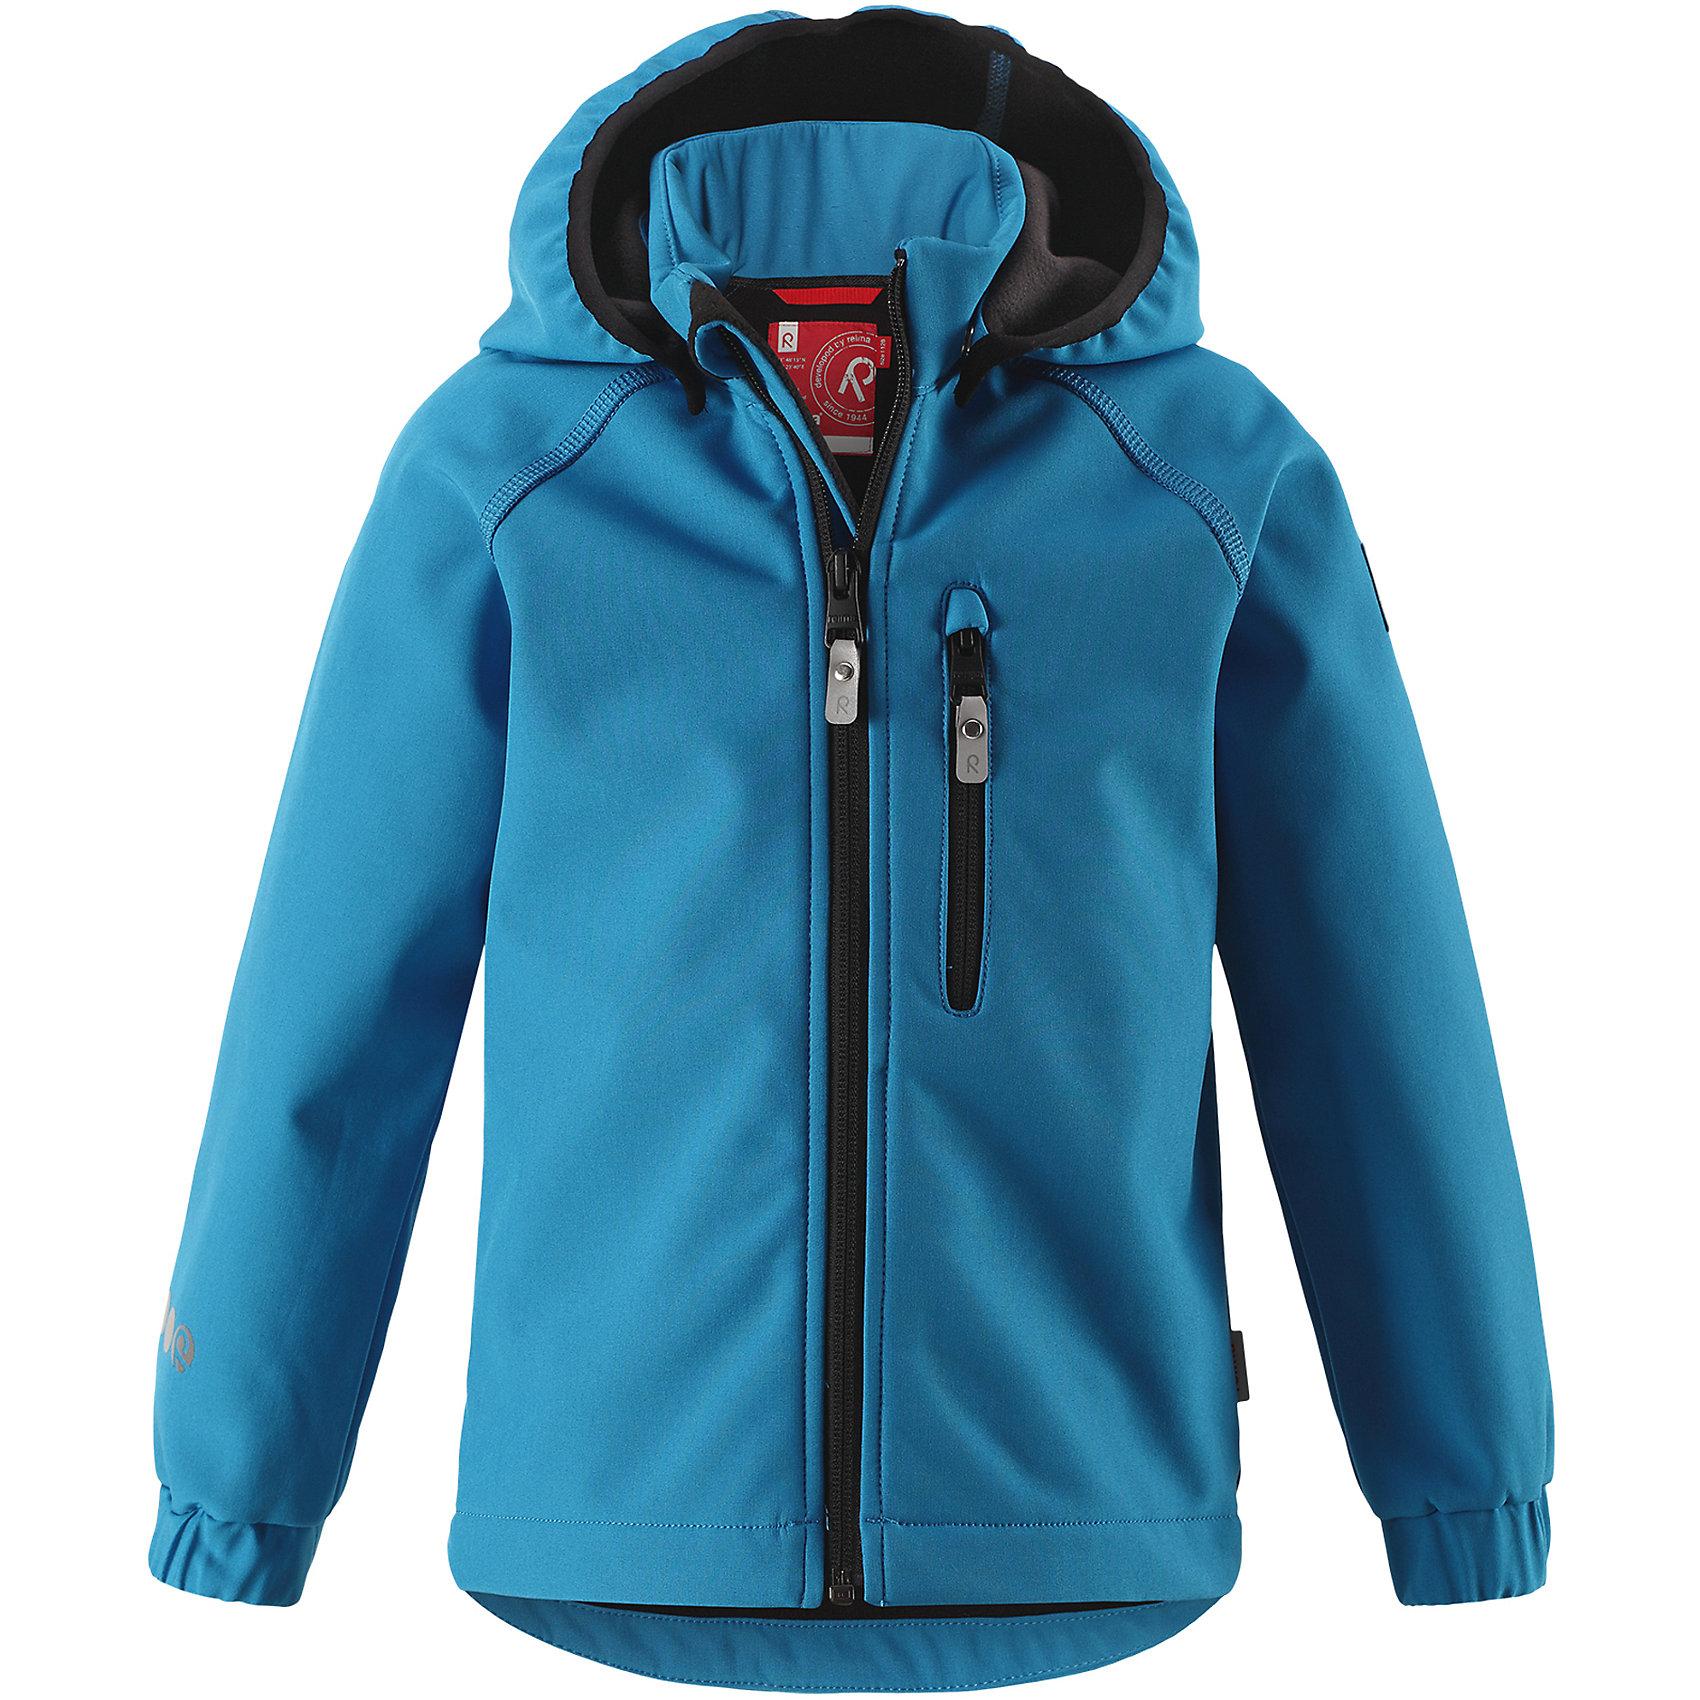 Куртка Vantti ReimaОдежда<br>Характеристики товара:<br><br>• цвет: голубой;<br>• состав: 95% полиэстер, 5% эластан, полиуретановое покрытие;<br>• утеплитель: без утеплителя;<br>• сезон: демисезон;<br>• температурный режим: от +5 до +15С;<br>• водонепроницаемость: 10000 мм;<br>• воздухопроницаемость: 4000 мм;<br>• водоотталкивающий, ветронепроницаемый и дышащий материал;<br>• многослойный материал, с изнаночной стороны - флис;<br>• водонепроницаемый материал softshell;<br>• застежка: молния с защитой подбородка от защемления;<br>• безопасный съемный капюшон;<br>• эластичные манжеты;<br>• карман на молнии;<br>• светоотражающие элементы;<br>• страна бренда: Финляндия;<br>• страна производства: Китай.<br><br>Демисезонная куртка с капюшоном изготовлена из водо и грязеотталкивающего материала softshell. Куртка на молнии, с флисовой подкладкой станет идеальным выбором для холодных весенних и осенних дней. Мягкий и эластичный материал softshell дарит ощущение комфорта. В двух карманах найдется место для всех мелочей. Благодаря эластичным сборкам на рукавах и подоле, куртка отлично сидит. Куртка без подкладки. <br><br>Куртка Vantti Reima можно купить в нашем интернет-магазине.<br><br>Ширина мм: 356<br>Глубина мм: 10<br>Высота мм: 245<br>Вес г: 519<br>Цвет: синий<br>Возраст от месяцев: 108<br>Возраст до месяцев: 120<br>Пол: Унисекс<br>Возраст: Детский<br>Размер: 140,122,92,98,104,110,116,128,134<br>SKU: 6901361